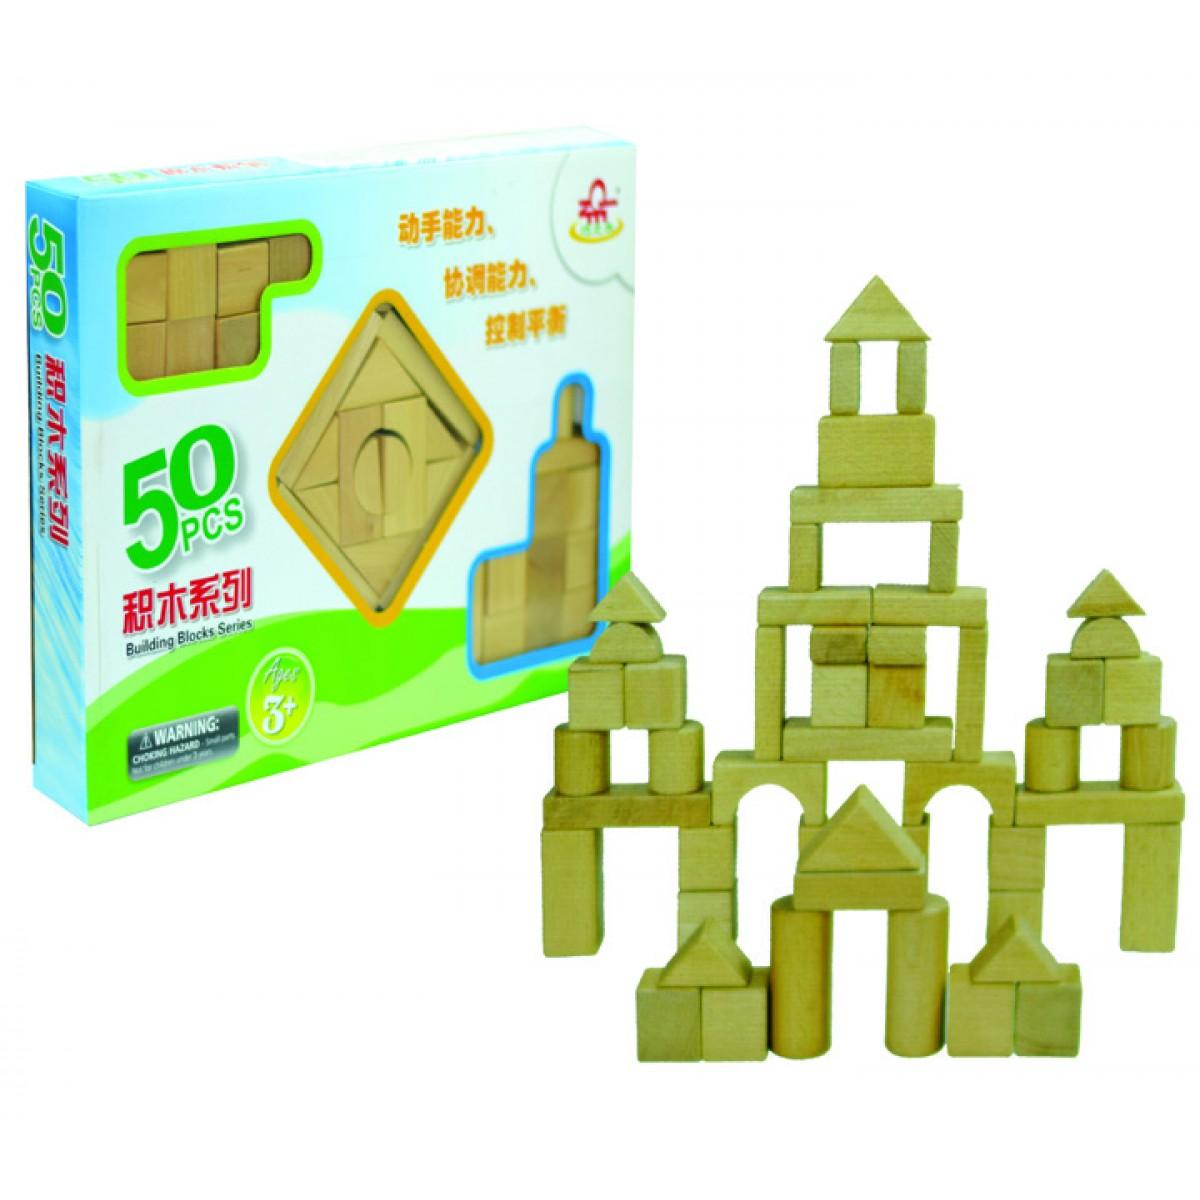 50 قطعة مكعبات خشبية صغير